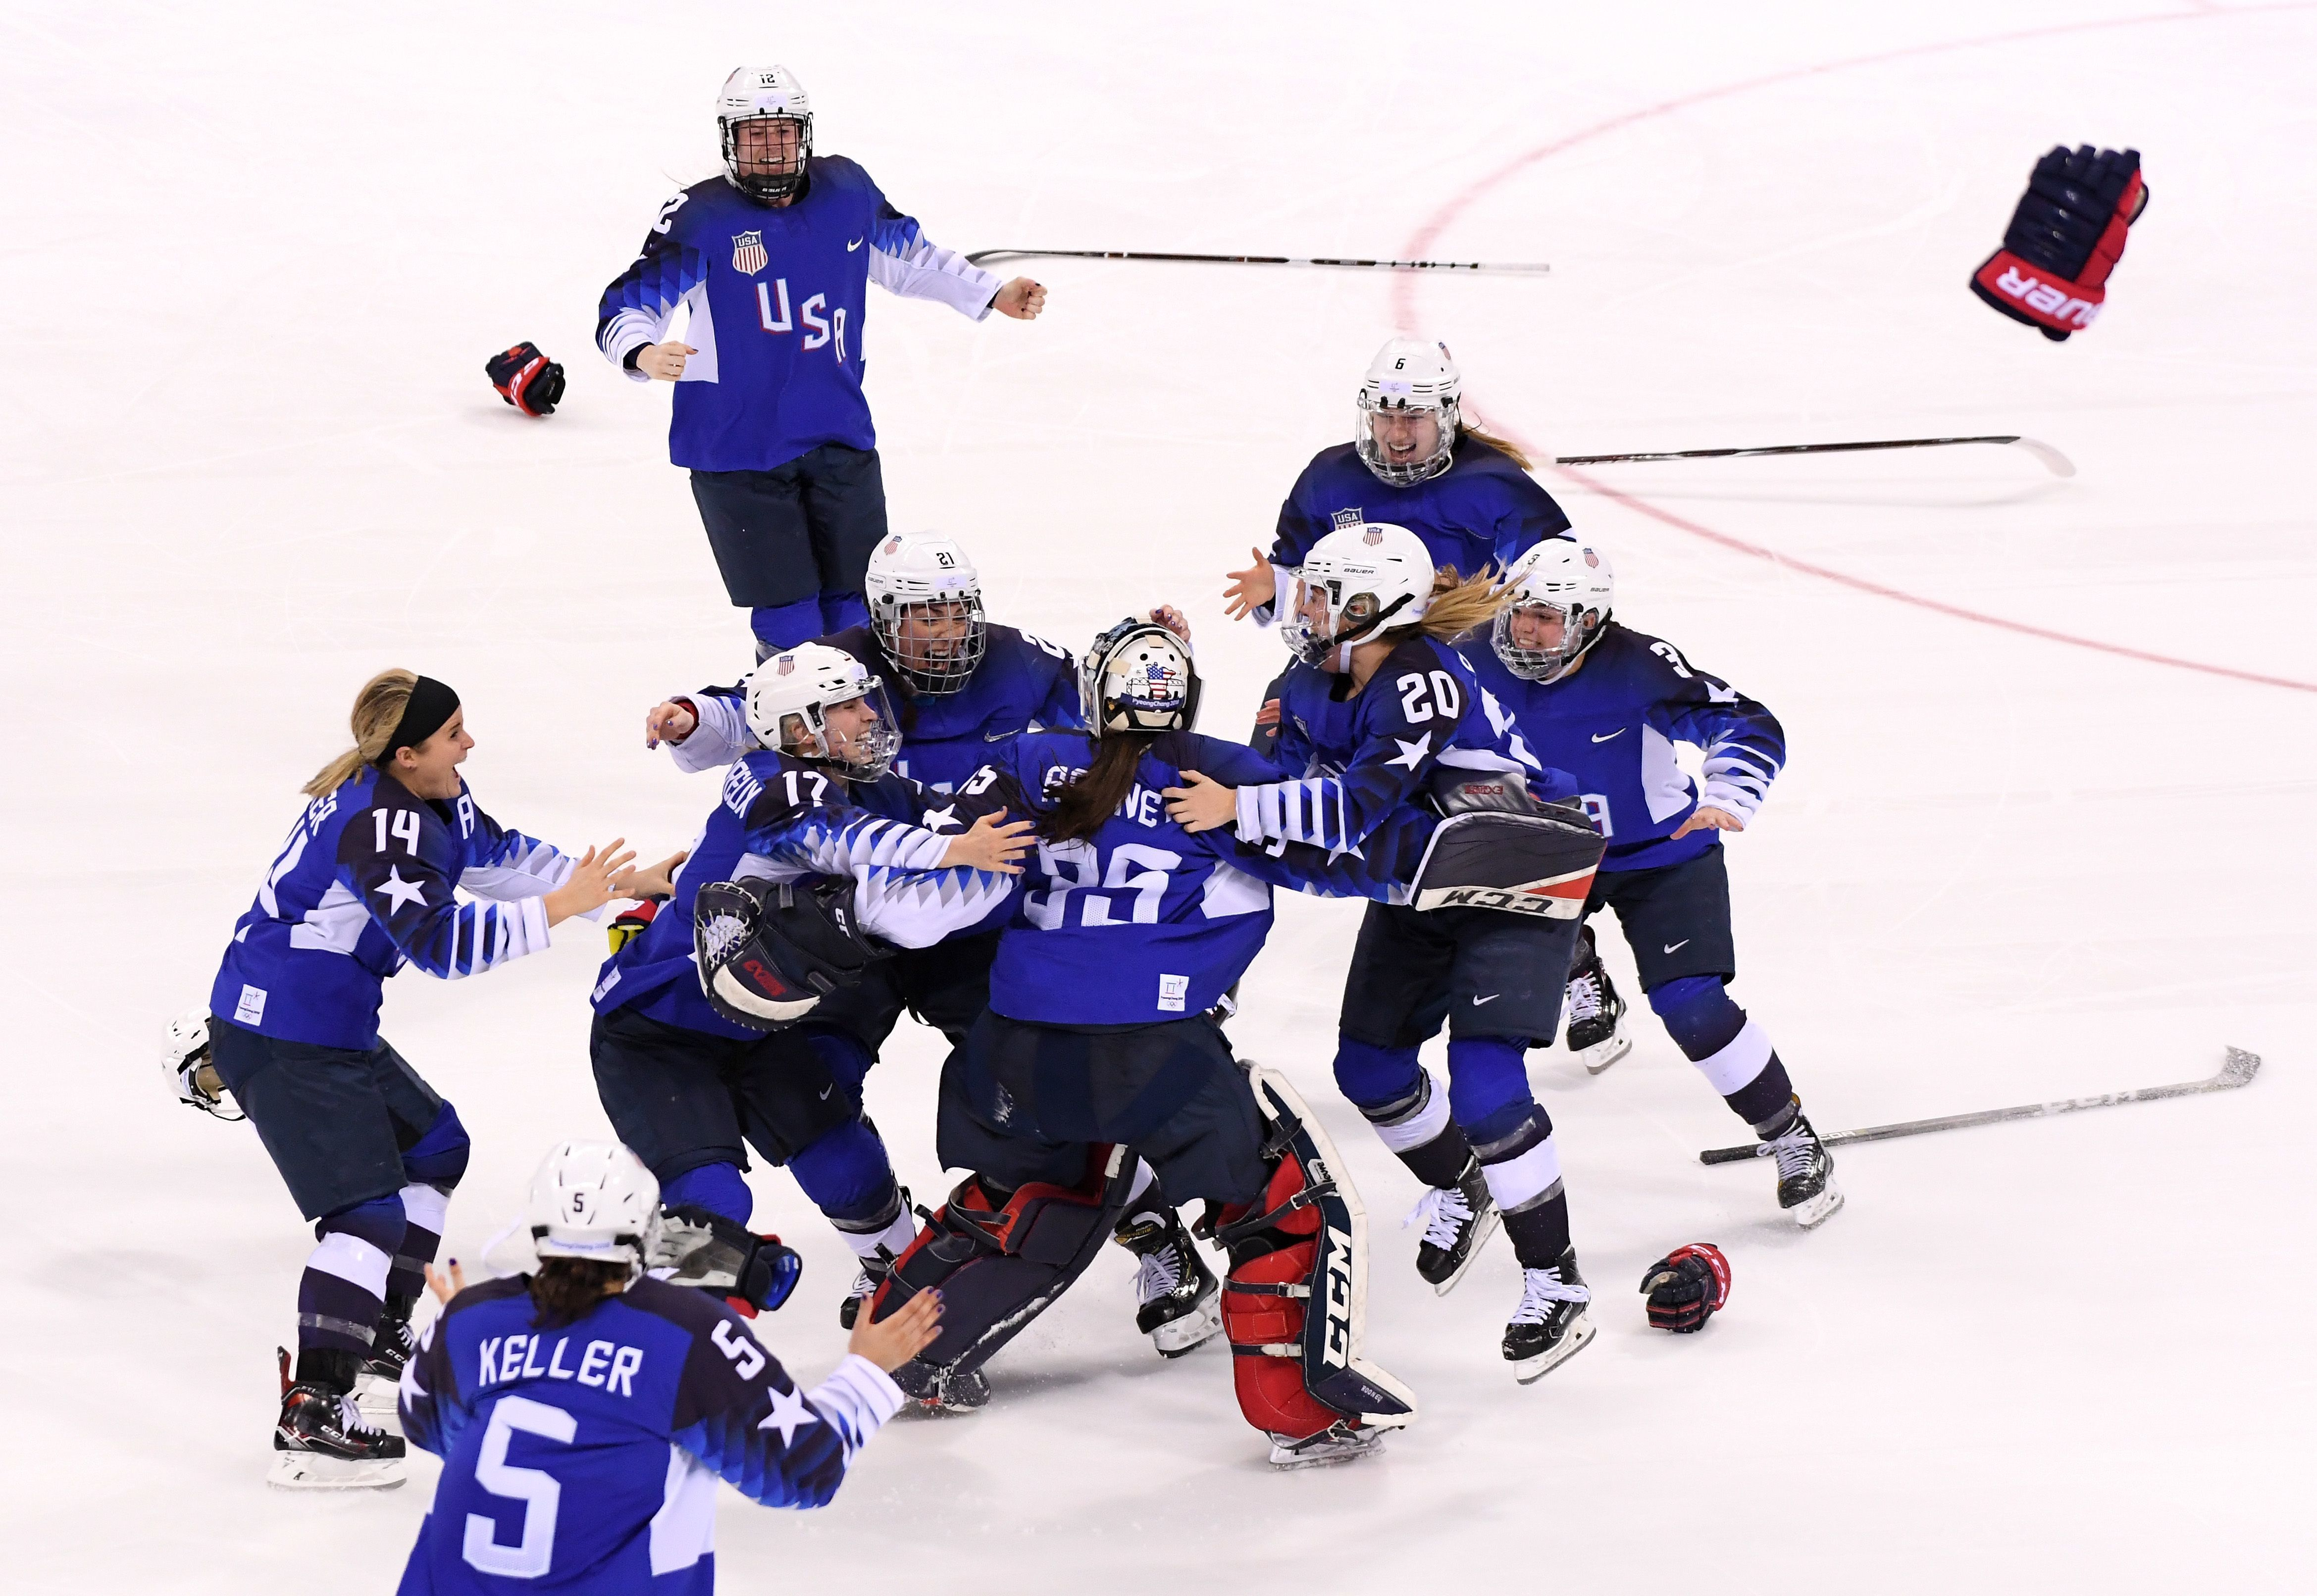 изображения мгновенно фотосессия женской сборной сша по хоккею андрееску серпні